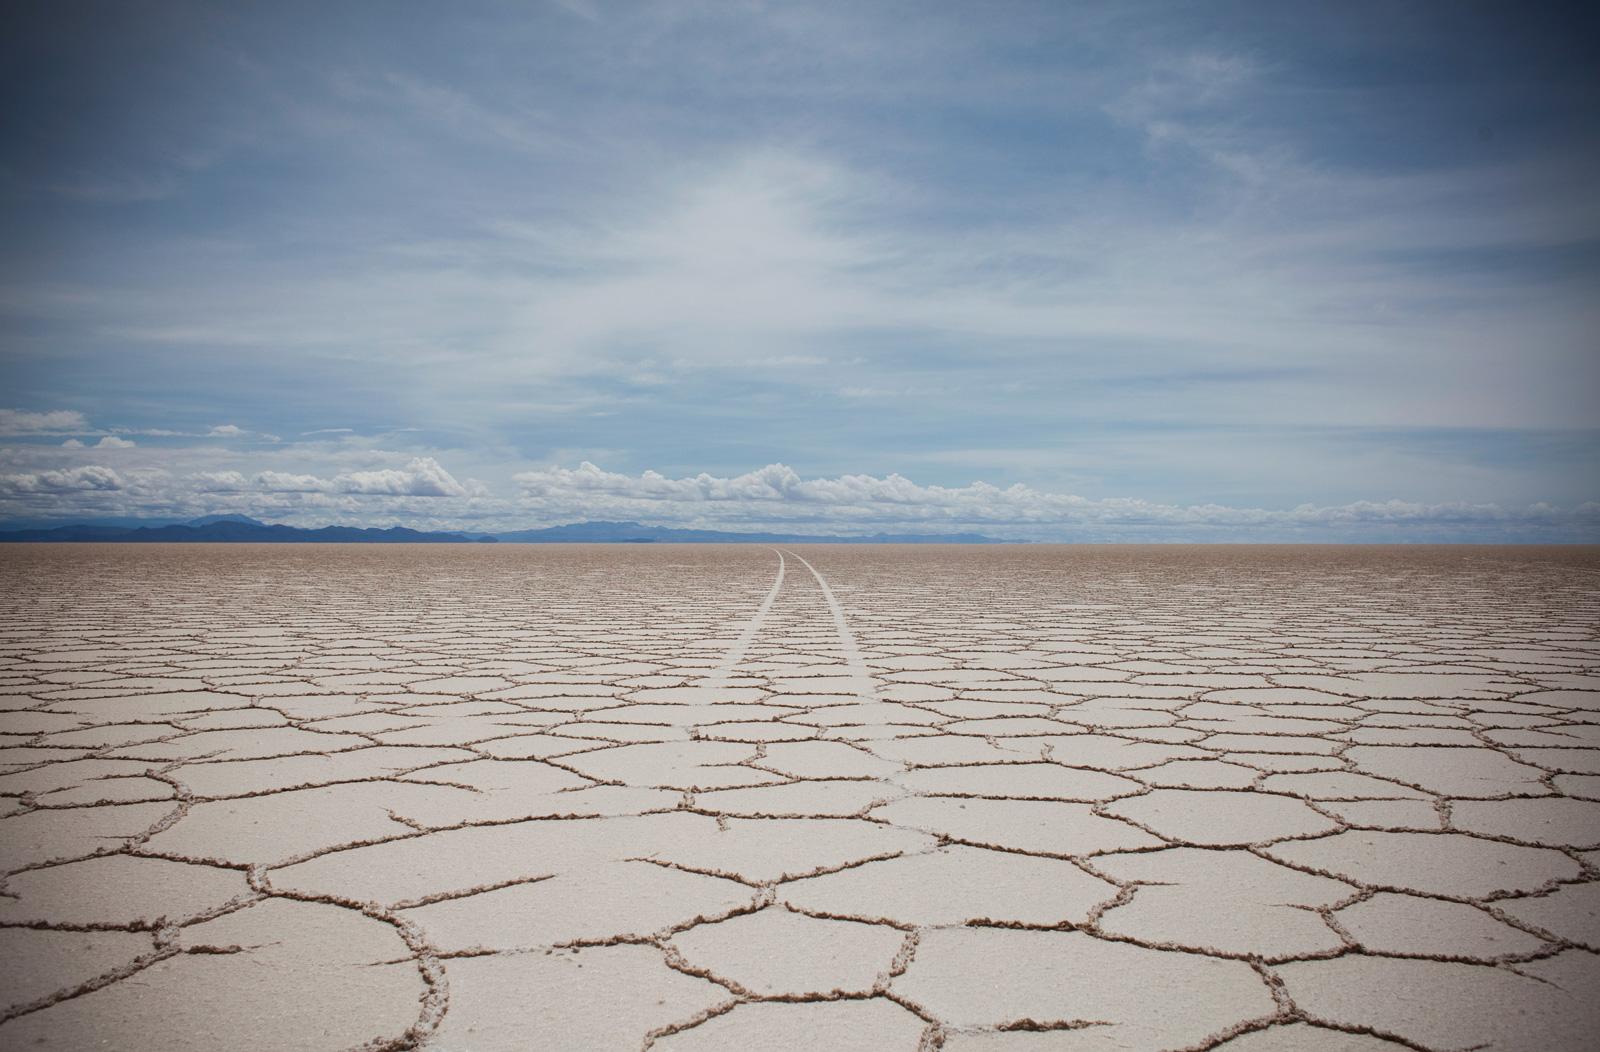 Chile tiene el 22% de las reservas mundiales de litio